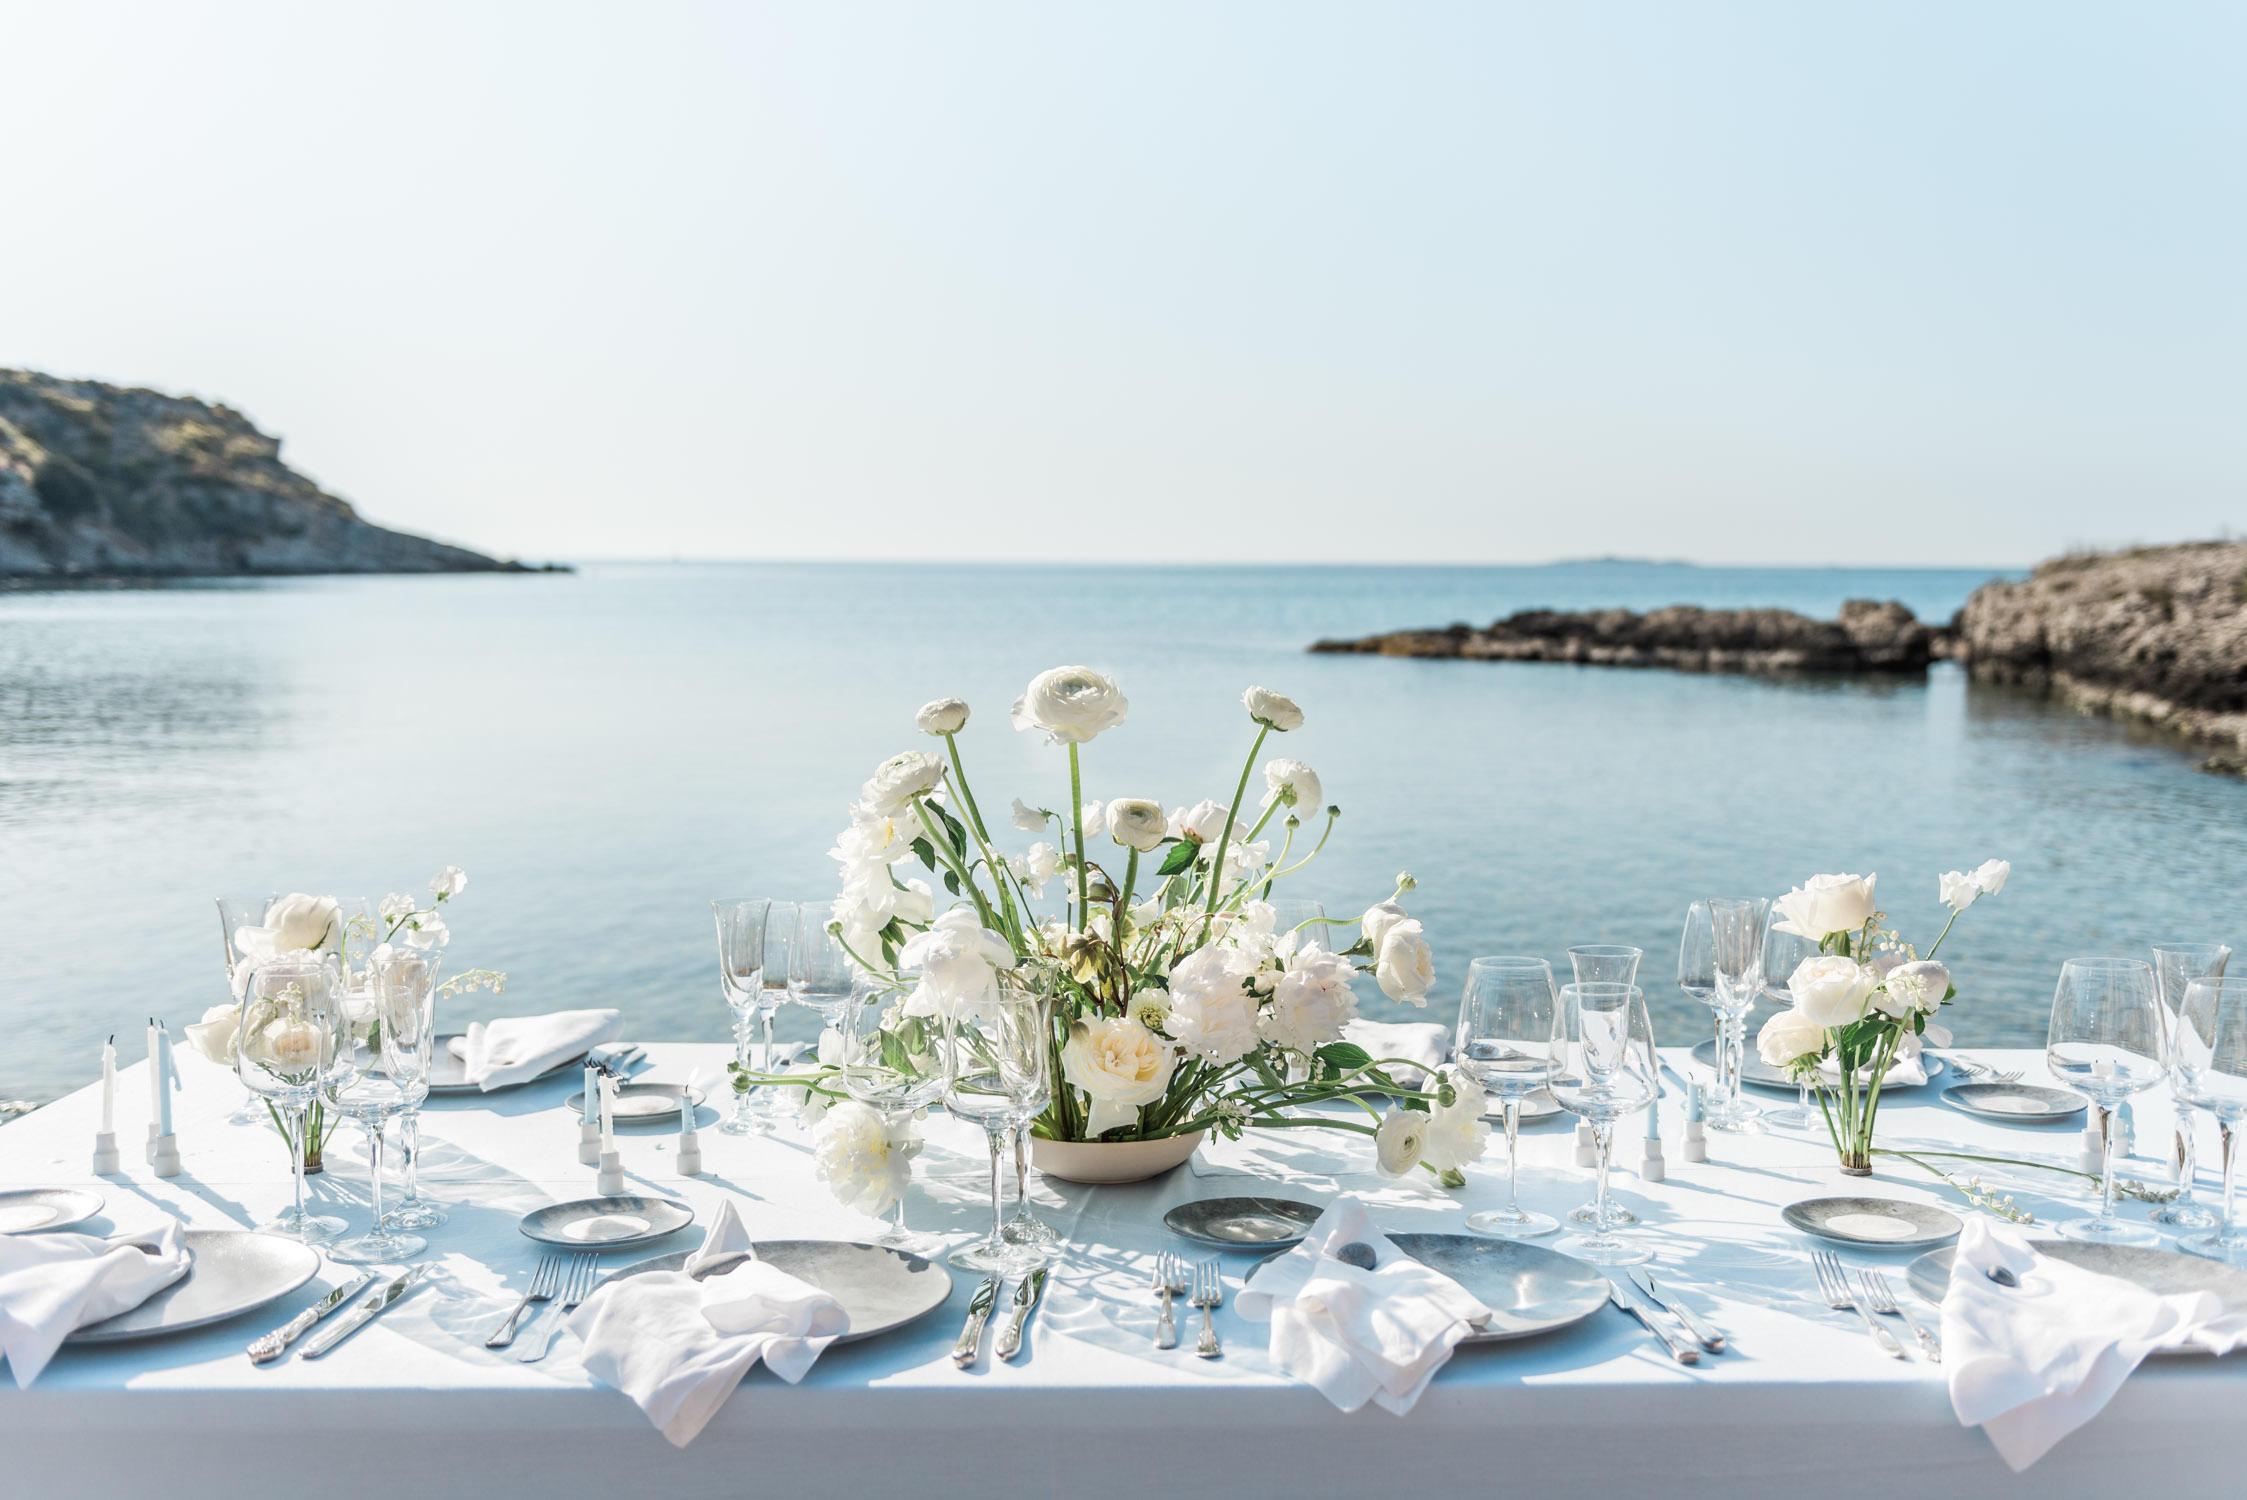 Een tafel gedekt voor het bruidswinner van een intieme bruiloft op een Grieks eiland